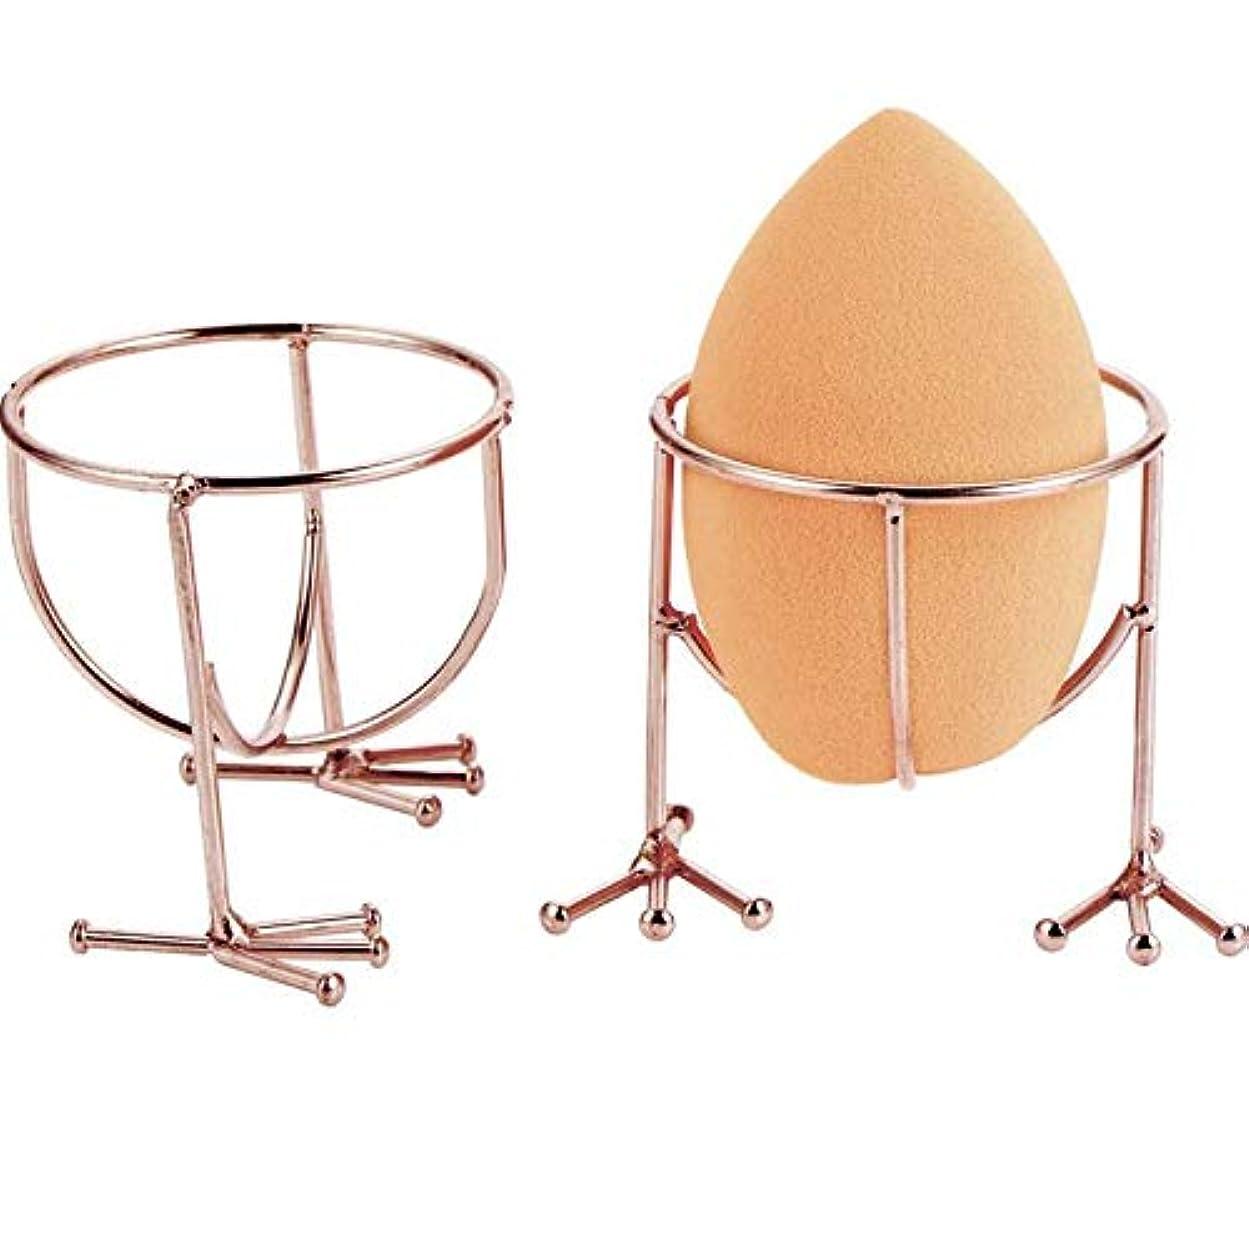 教会シートオーストラリアSODIAL 化粧スポンジホルダー卵スポンジスタンドパフ陳列スタンドドライヤーラック化粧スポンジサポート(スポンジは含まれていません)、2個、ローズゴールド